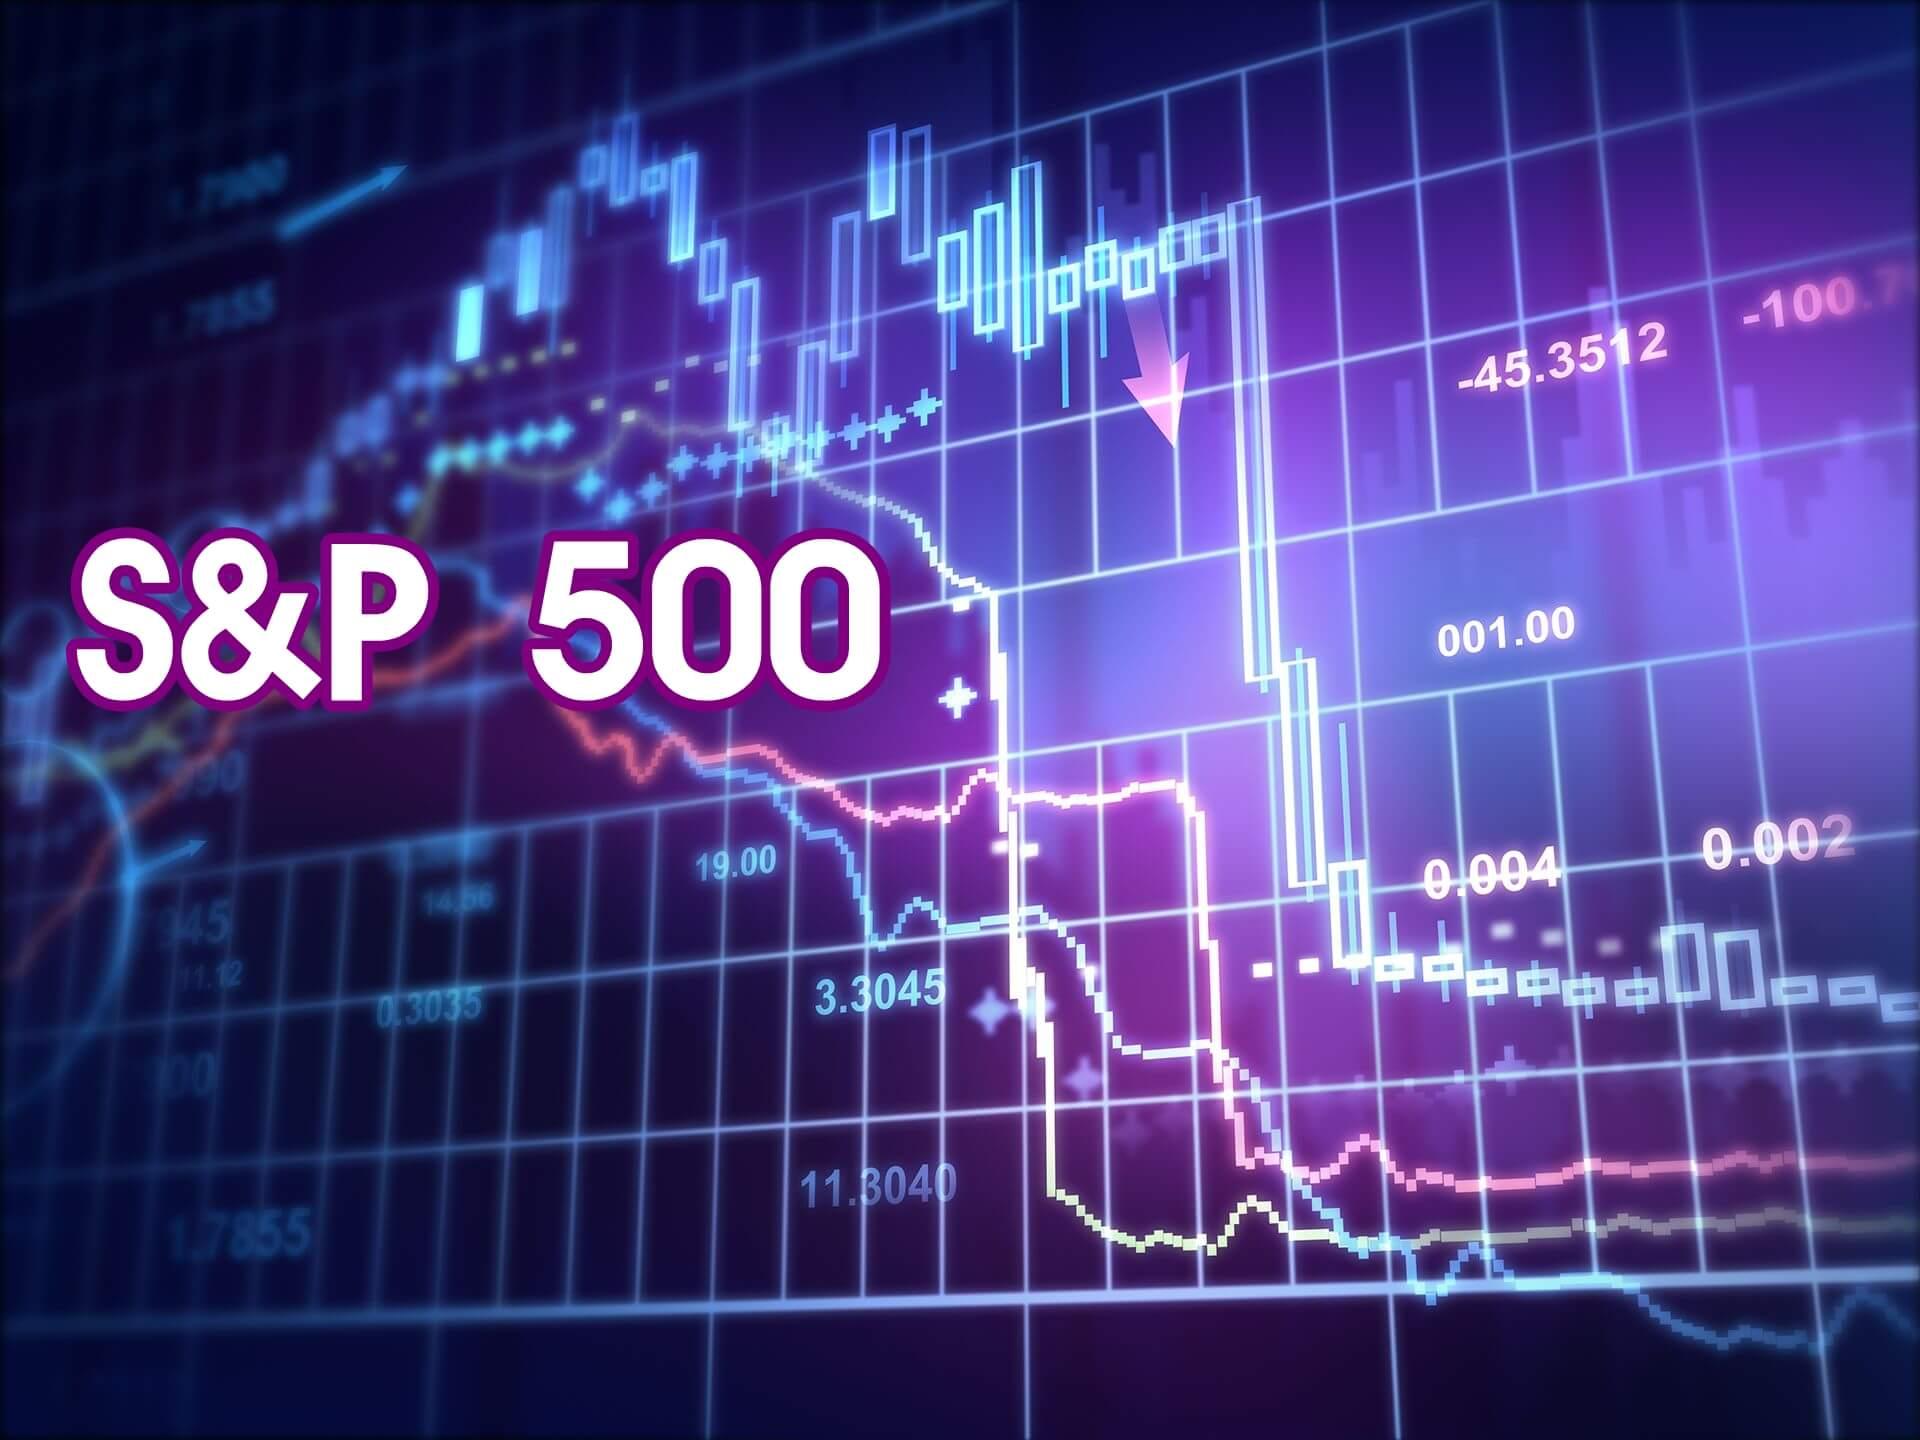 Conoce la historia del S&P 500 completa